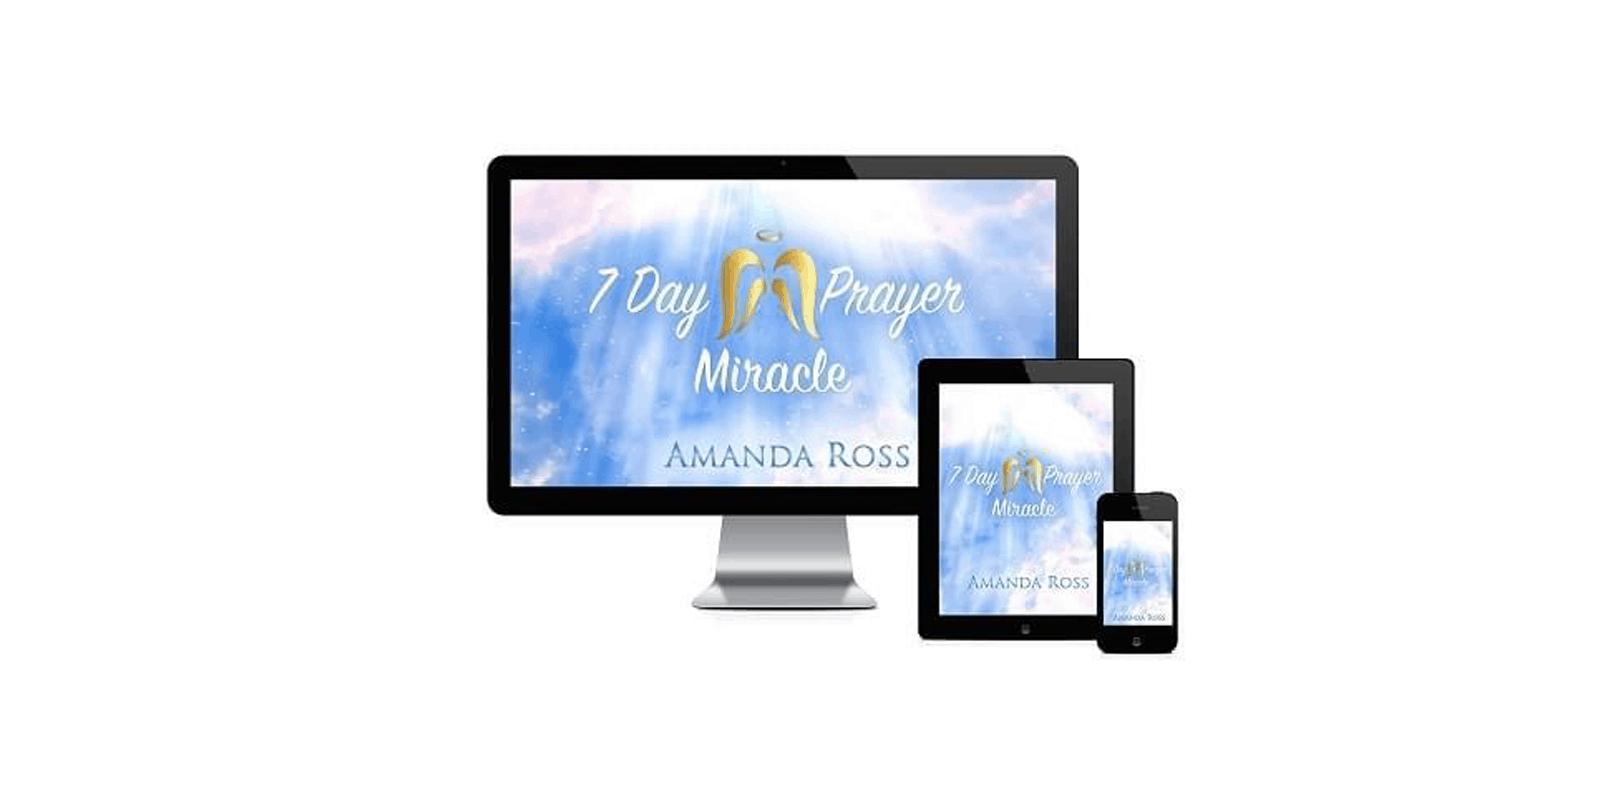 7 Day Prayer Miracle Reviews